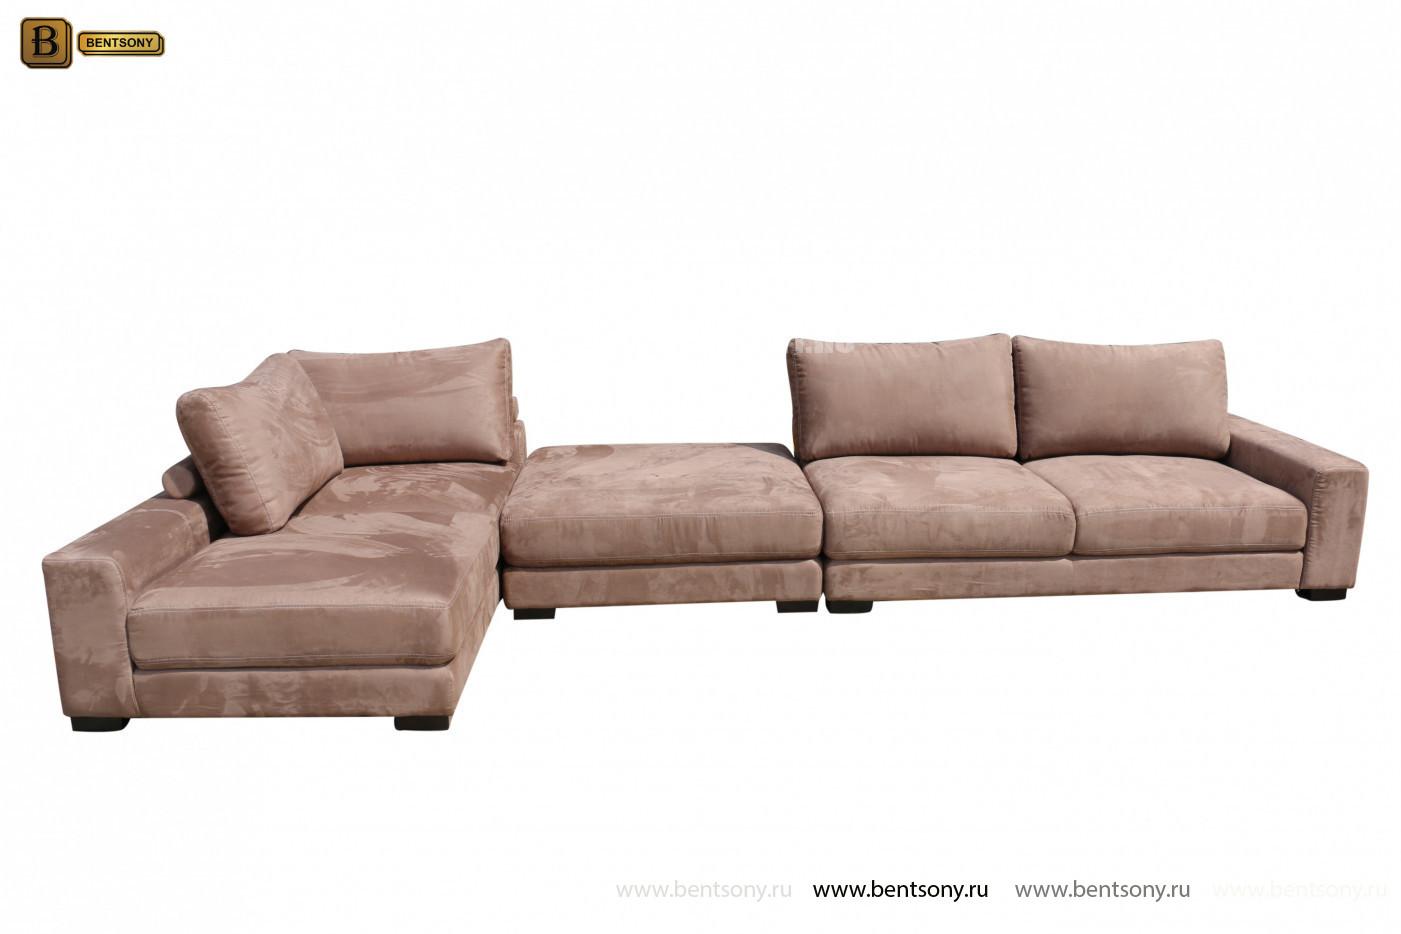 купить Модульный диван Луиджи для гостинной